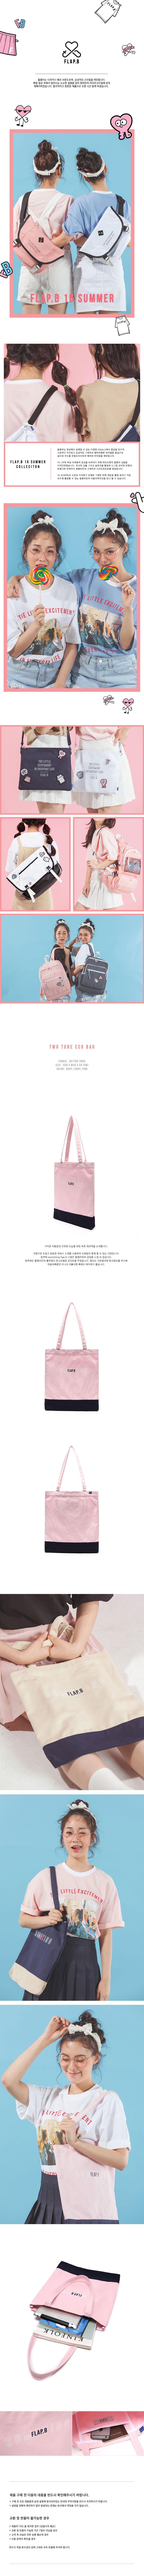 [플랩비]FLAPB - Two tone Eco Bag (PINK)★와펜증정★ 가방 에코백 투톤 숄더백 핑크